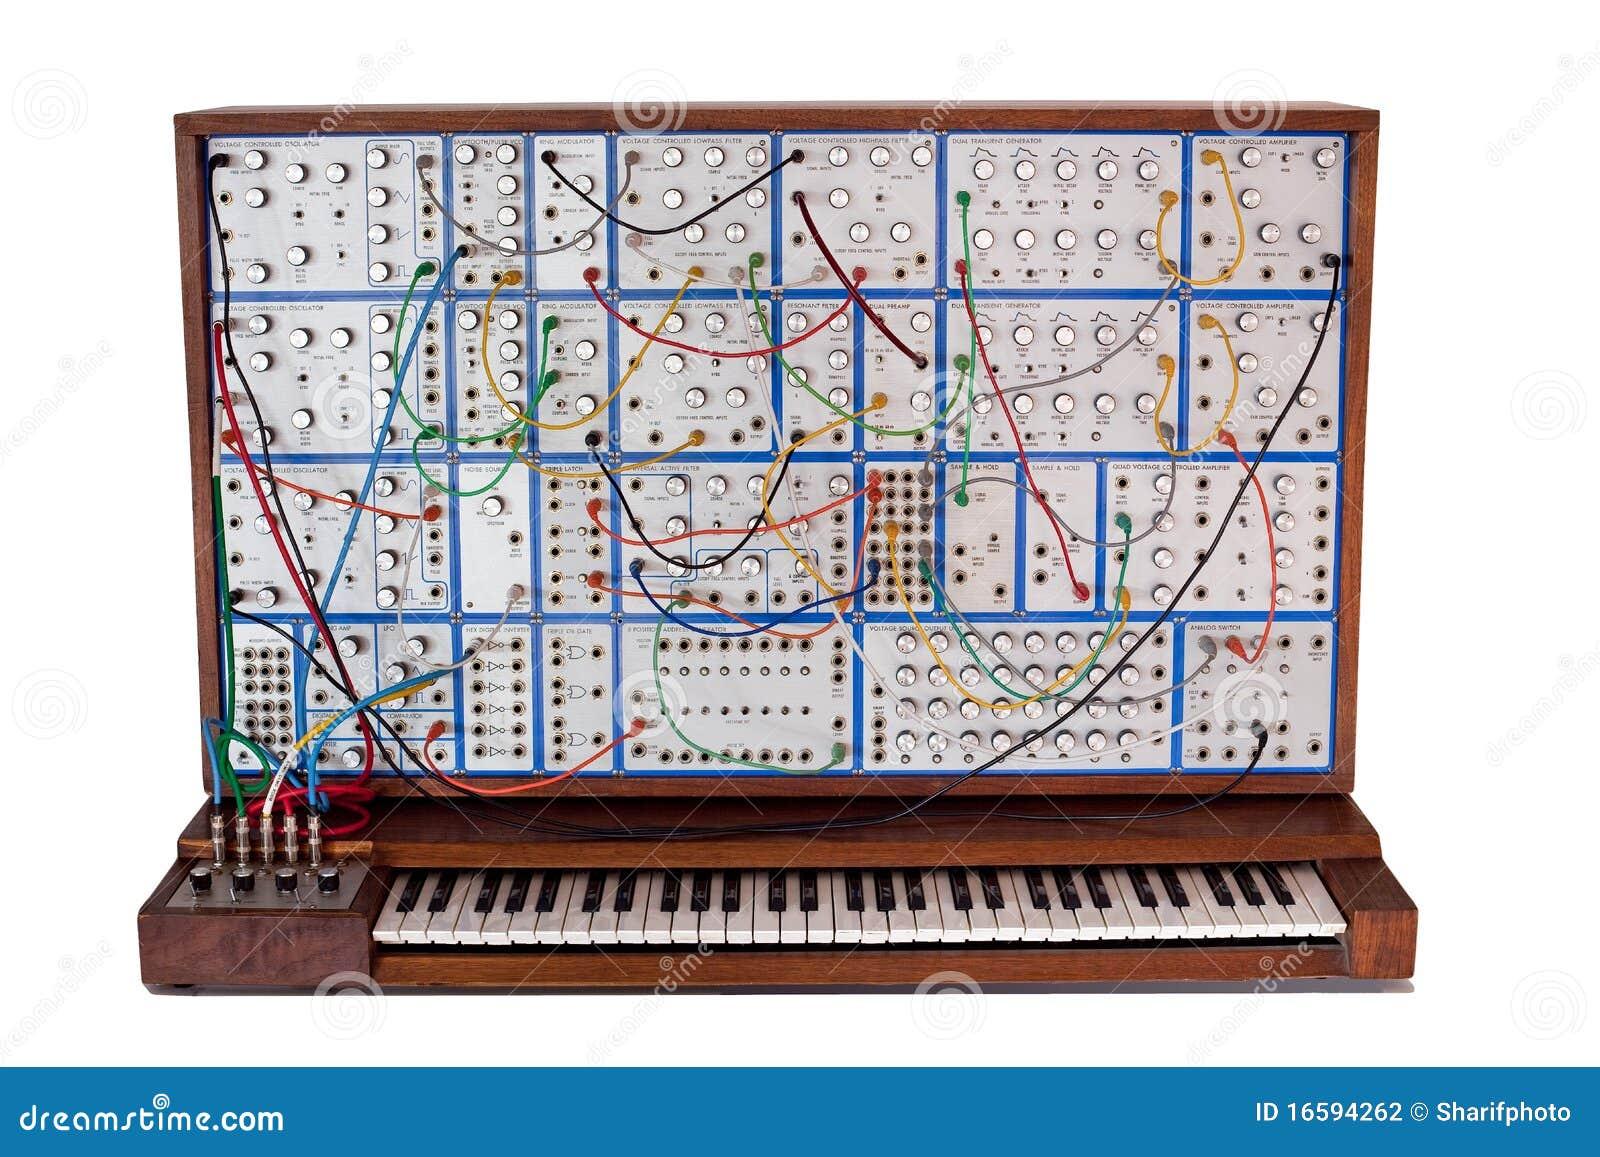 Sintetizador modular análogo do vintage com patchcords